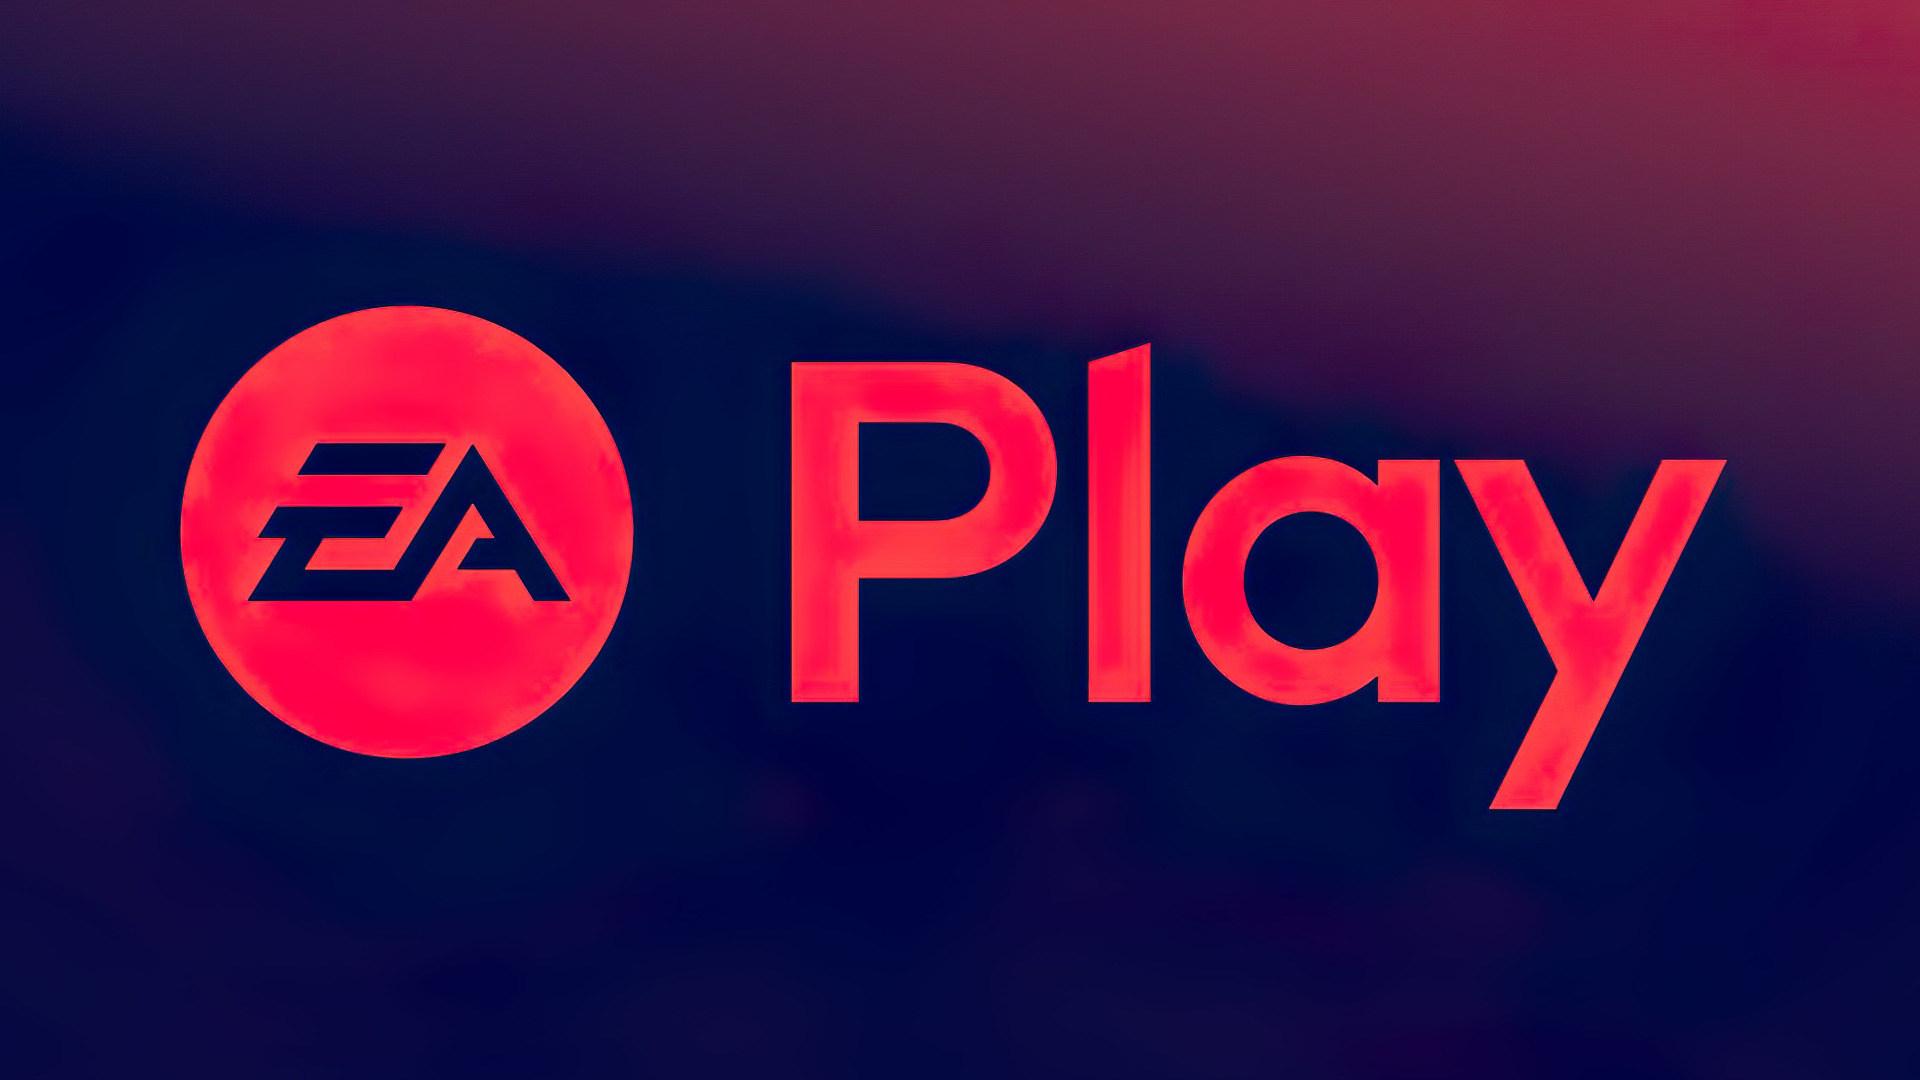 Logo, Electronic Arts, Ea, EA Play